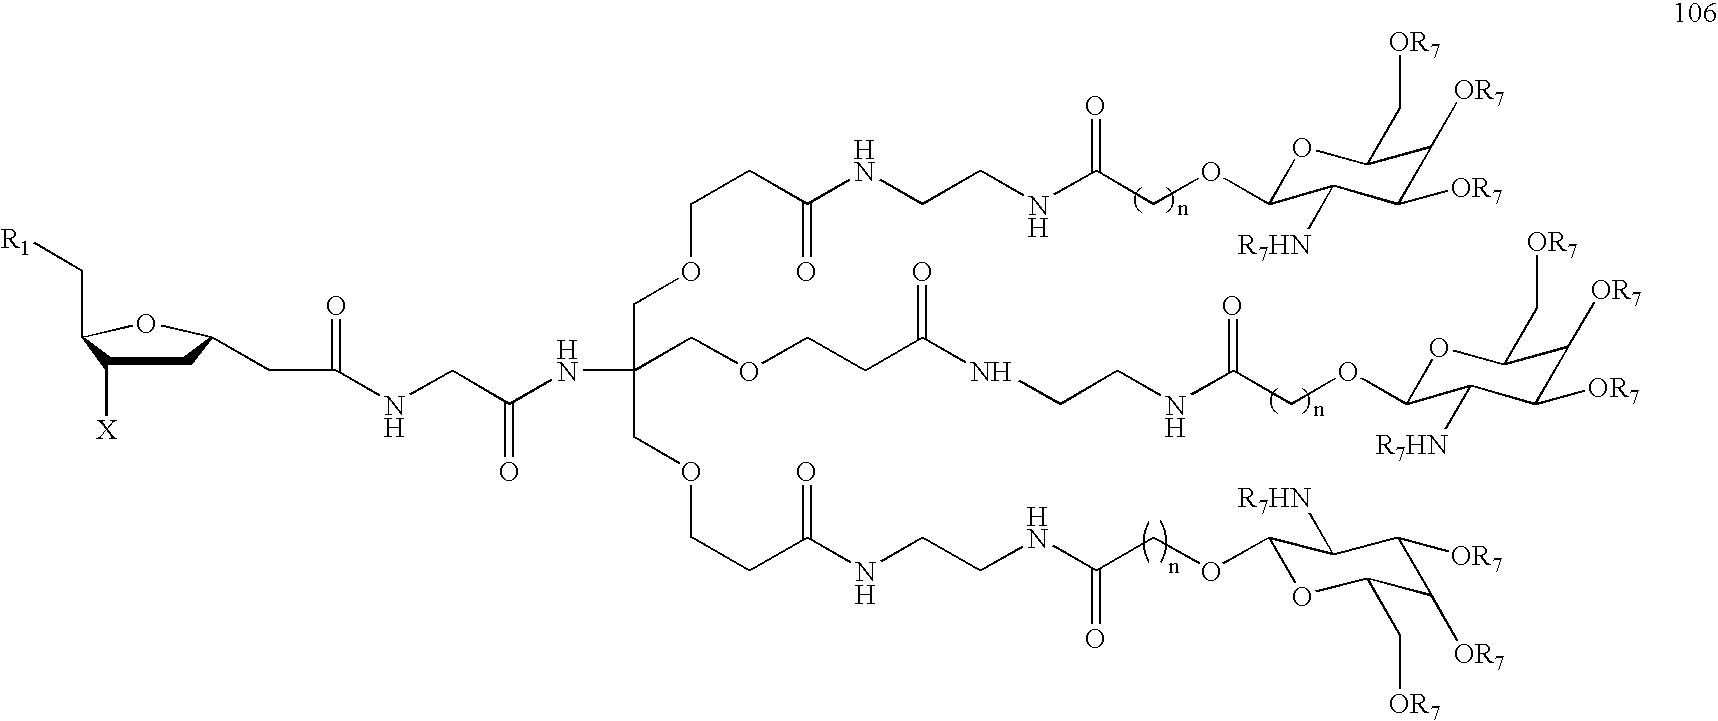 Figure US20070032441A1-20070208-C00062